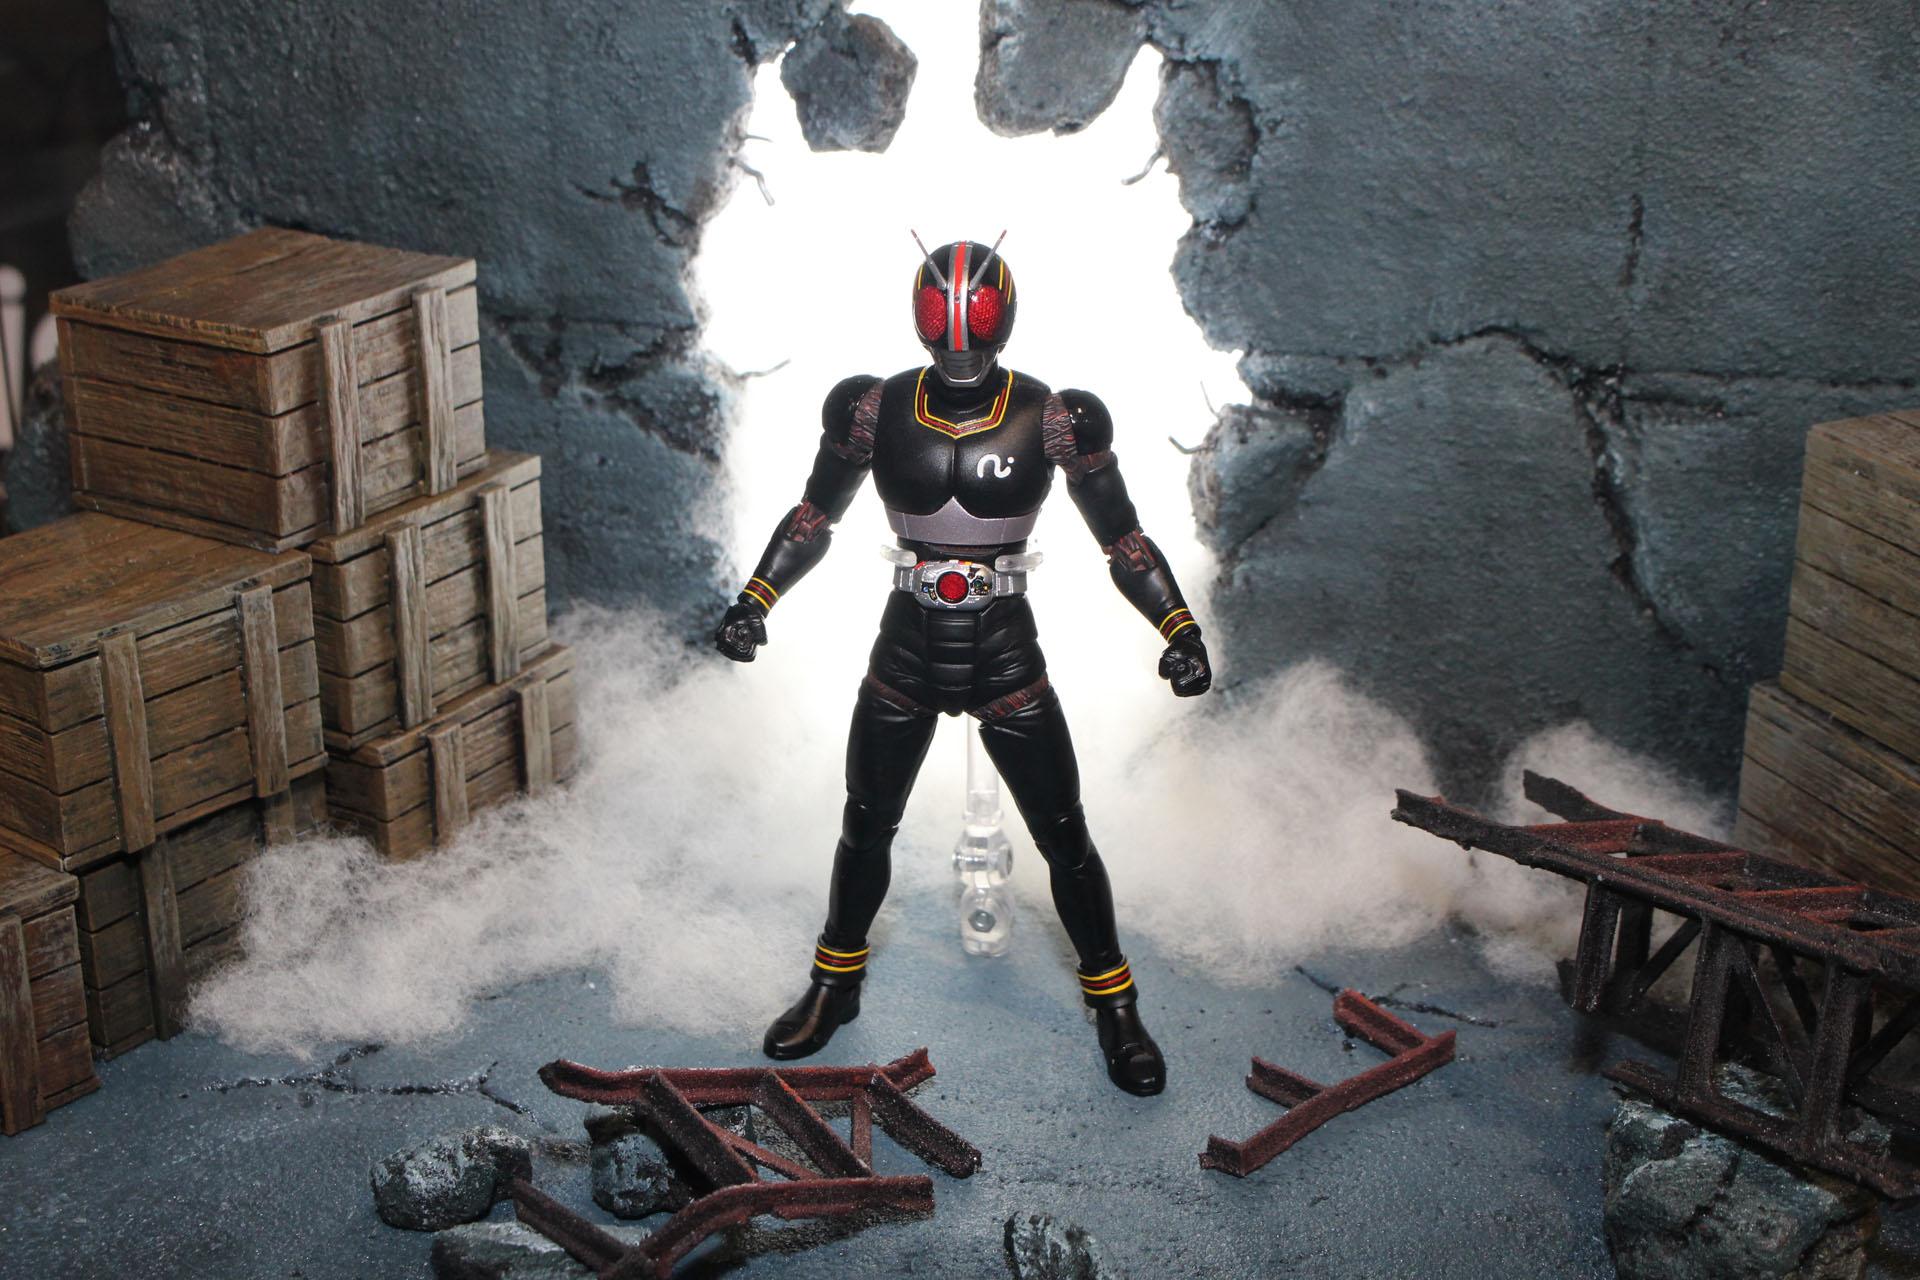 仮面ライダーブラック、壁を破って登場!